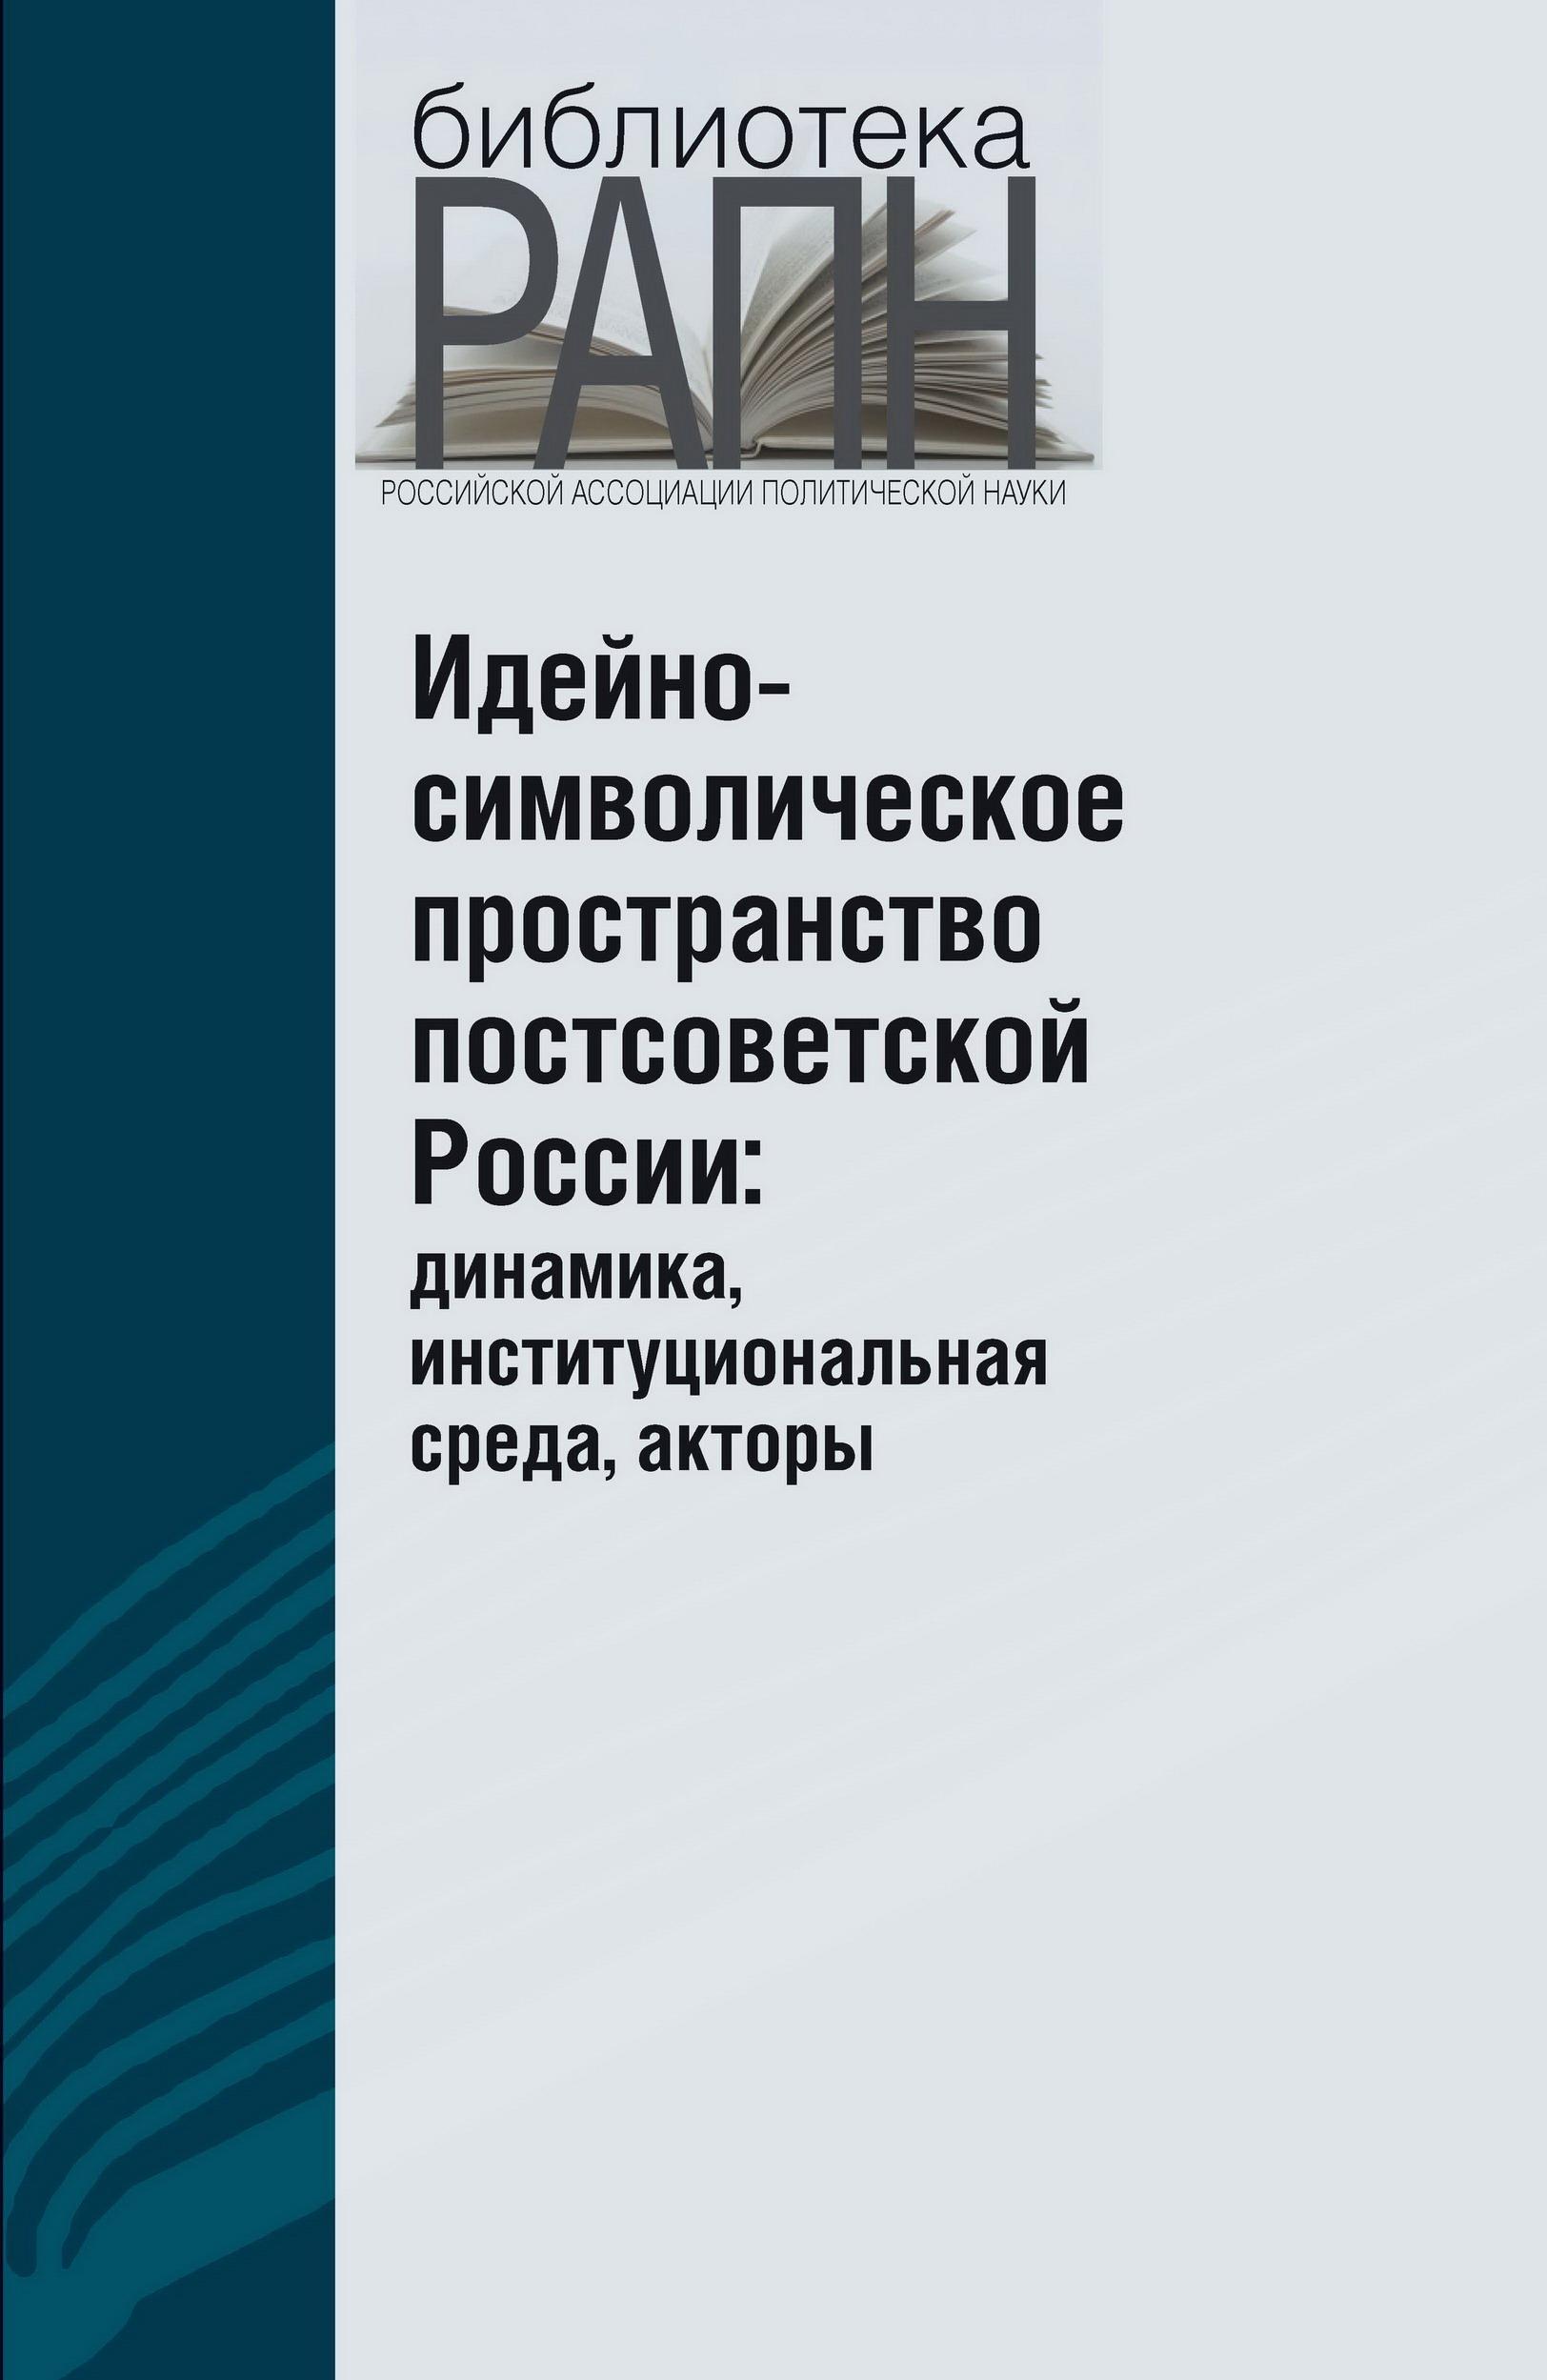 Идейно-символическое пространство постсоветской России: динамика, институциональная среда, акторы